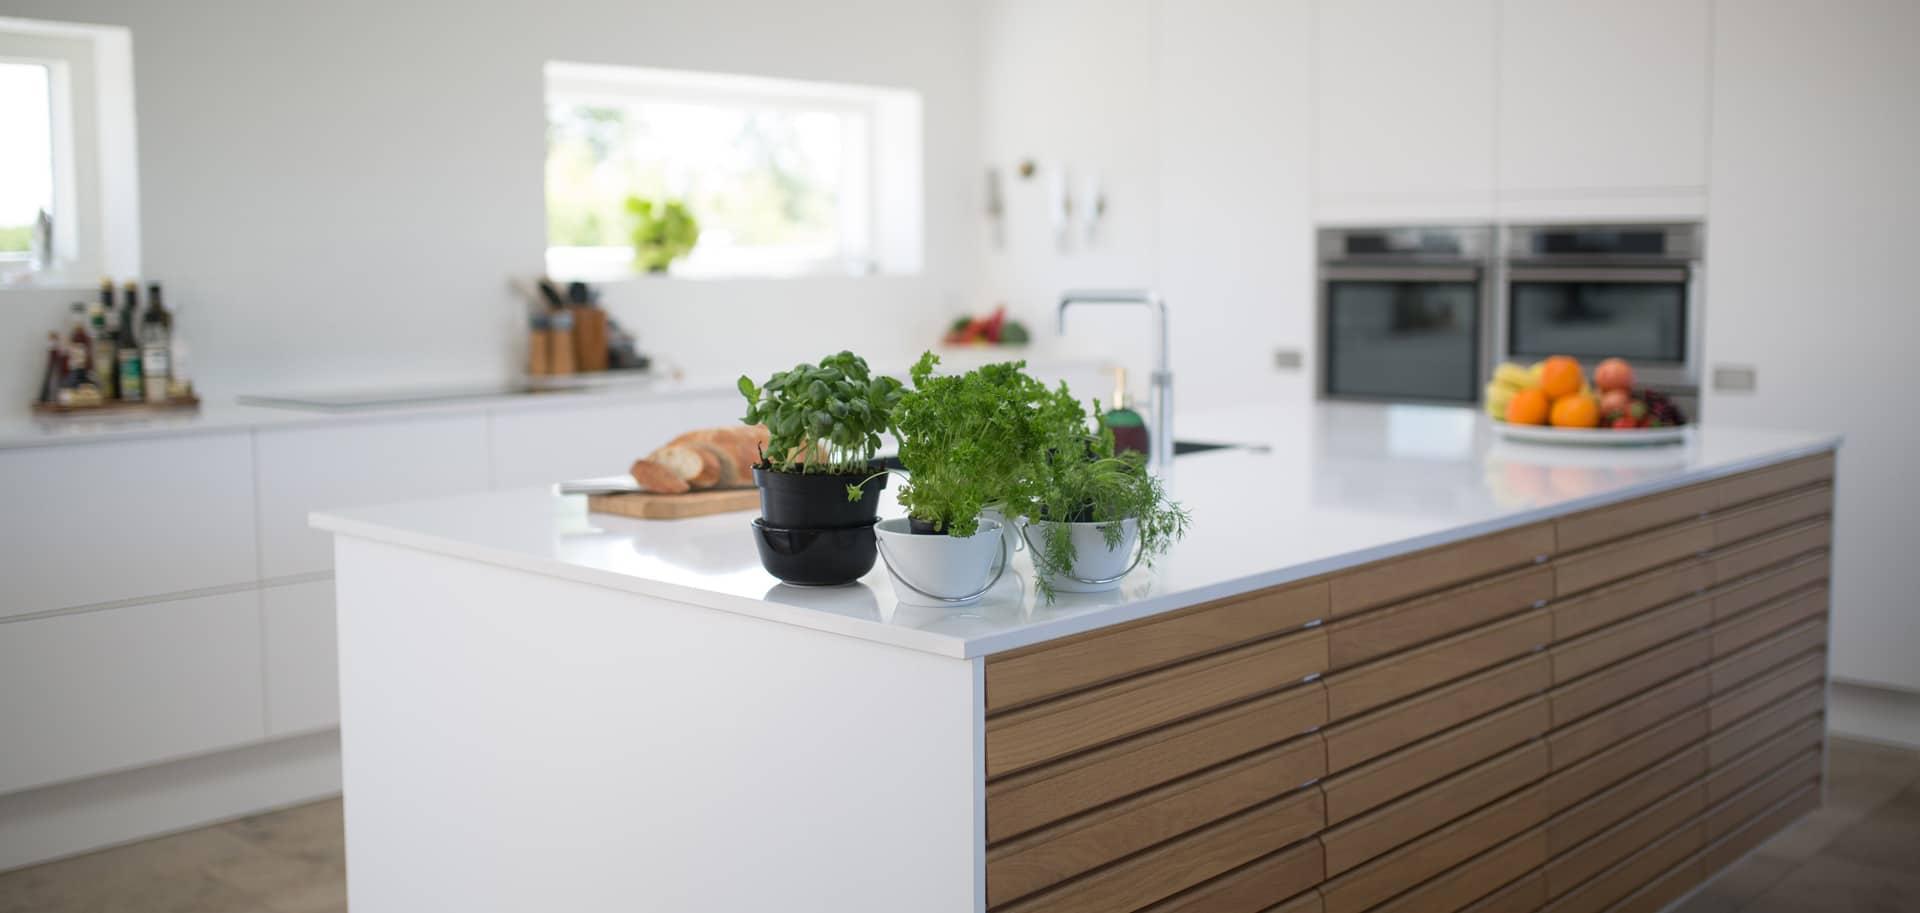 WeyFra Individualmöbel GmbH | Ihre indivduelle Küche nach Maß